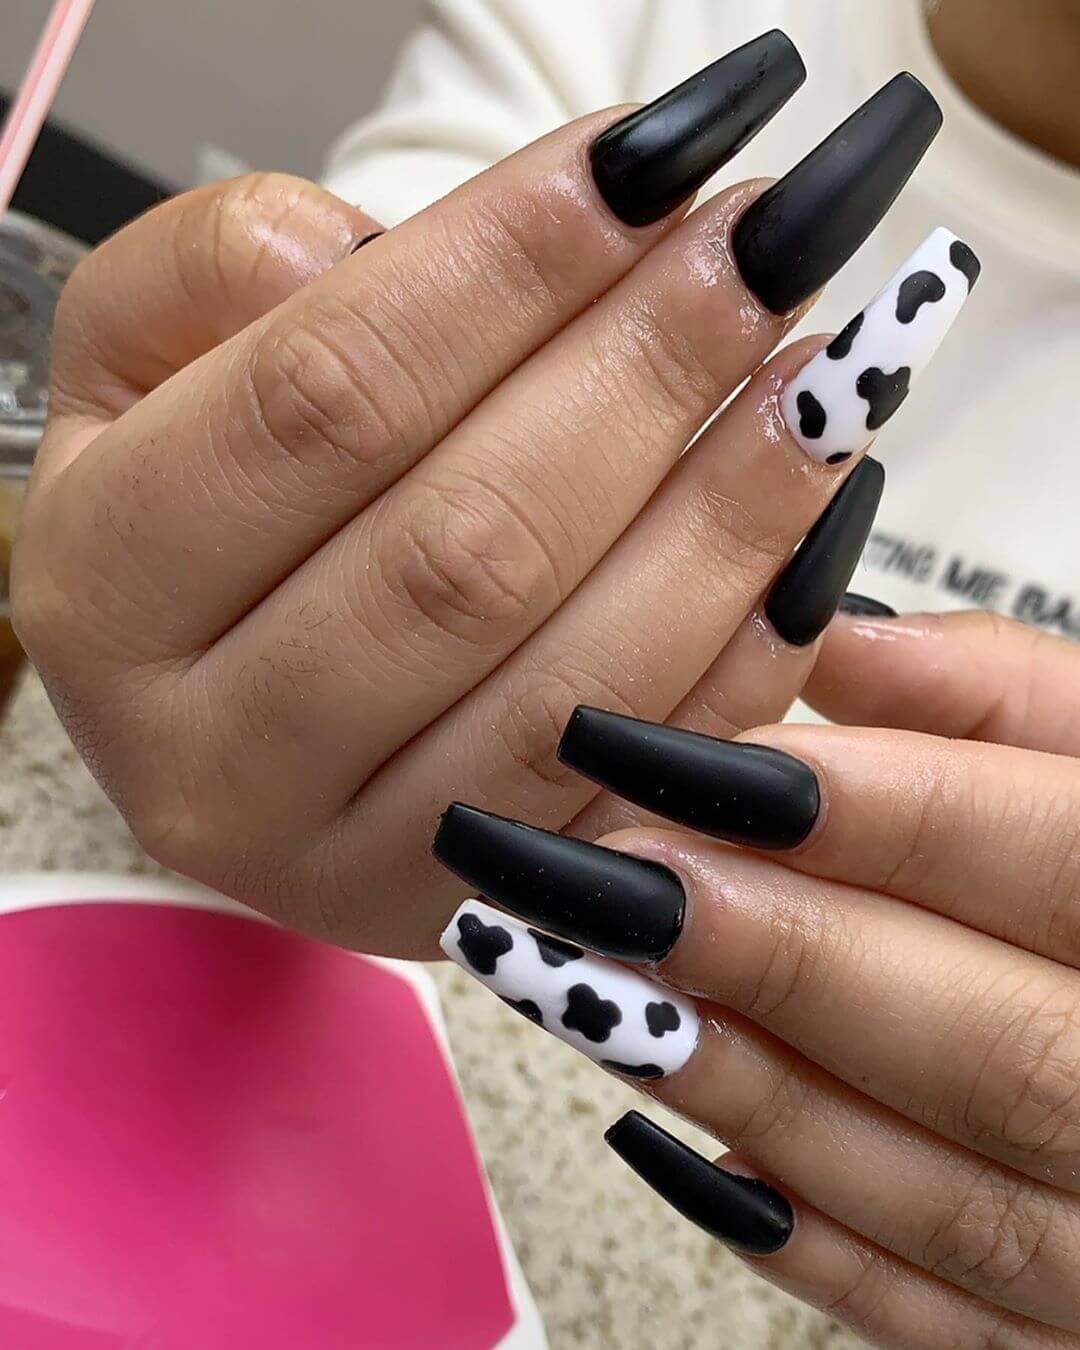 uñas de acrilico blancas con negro